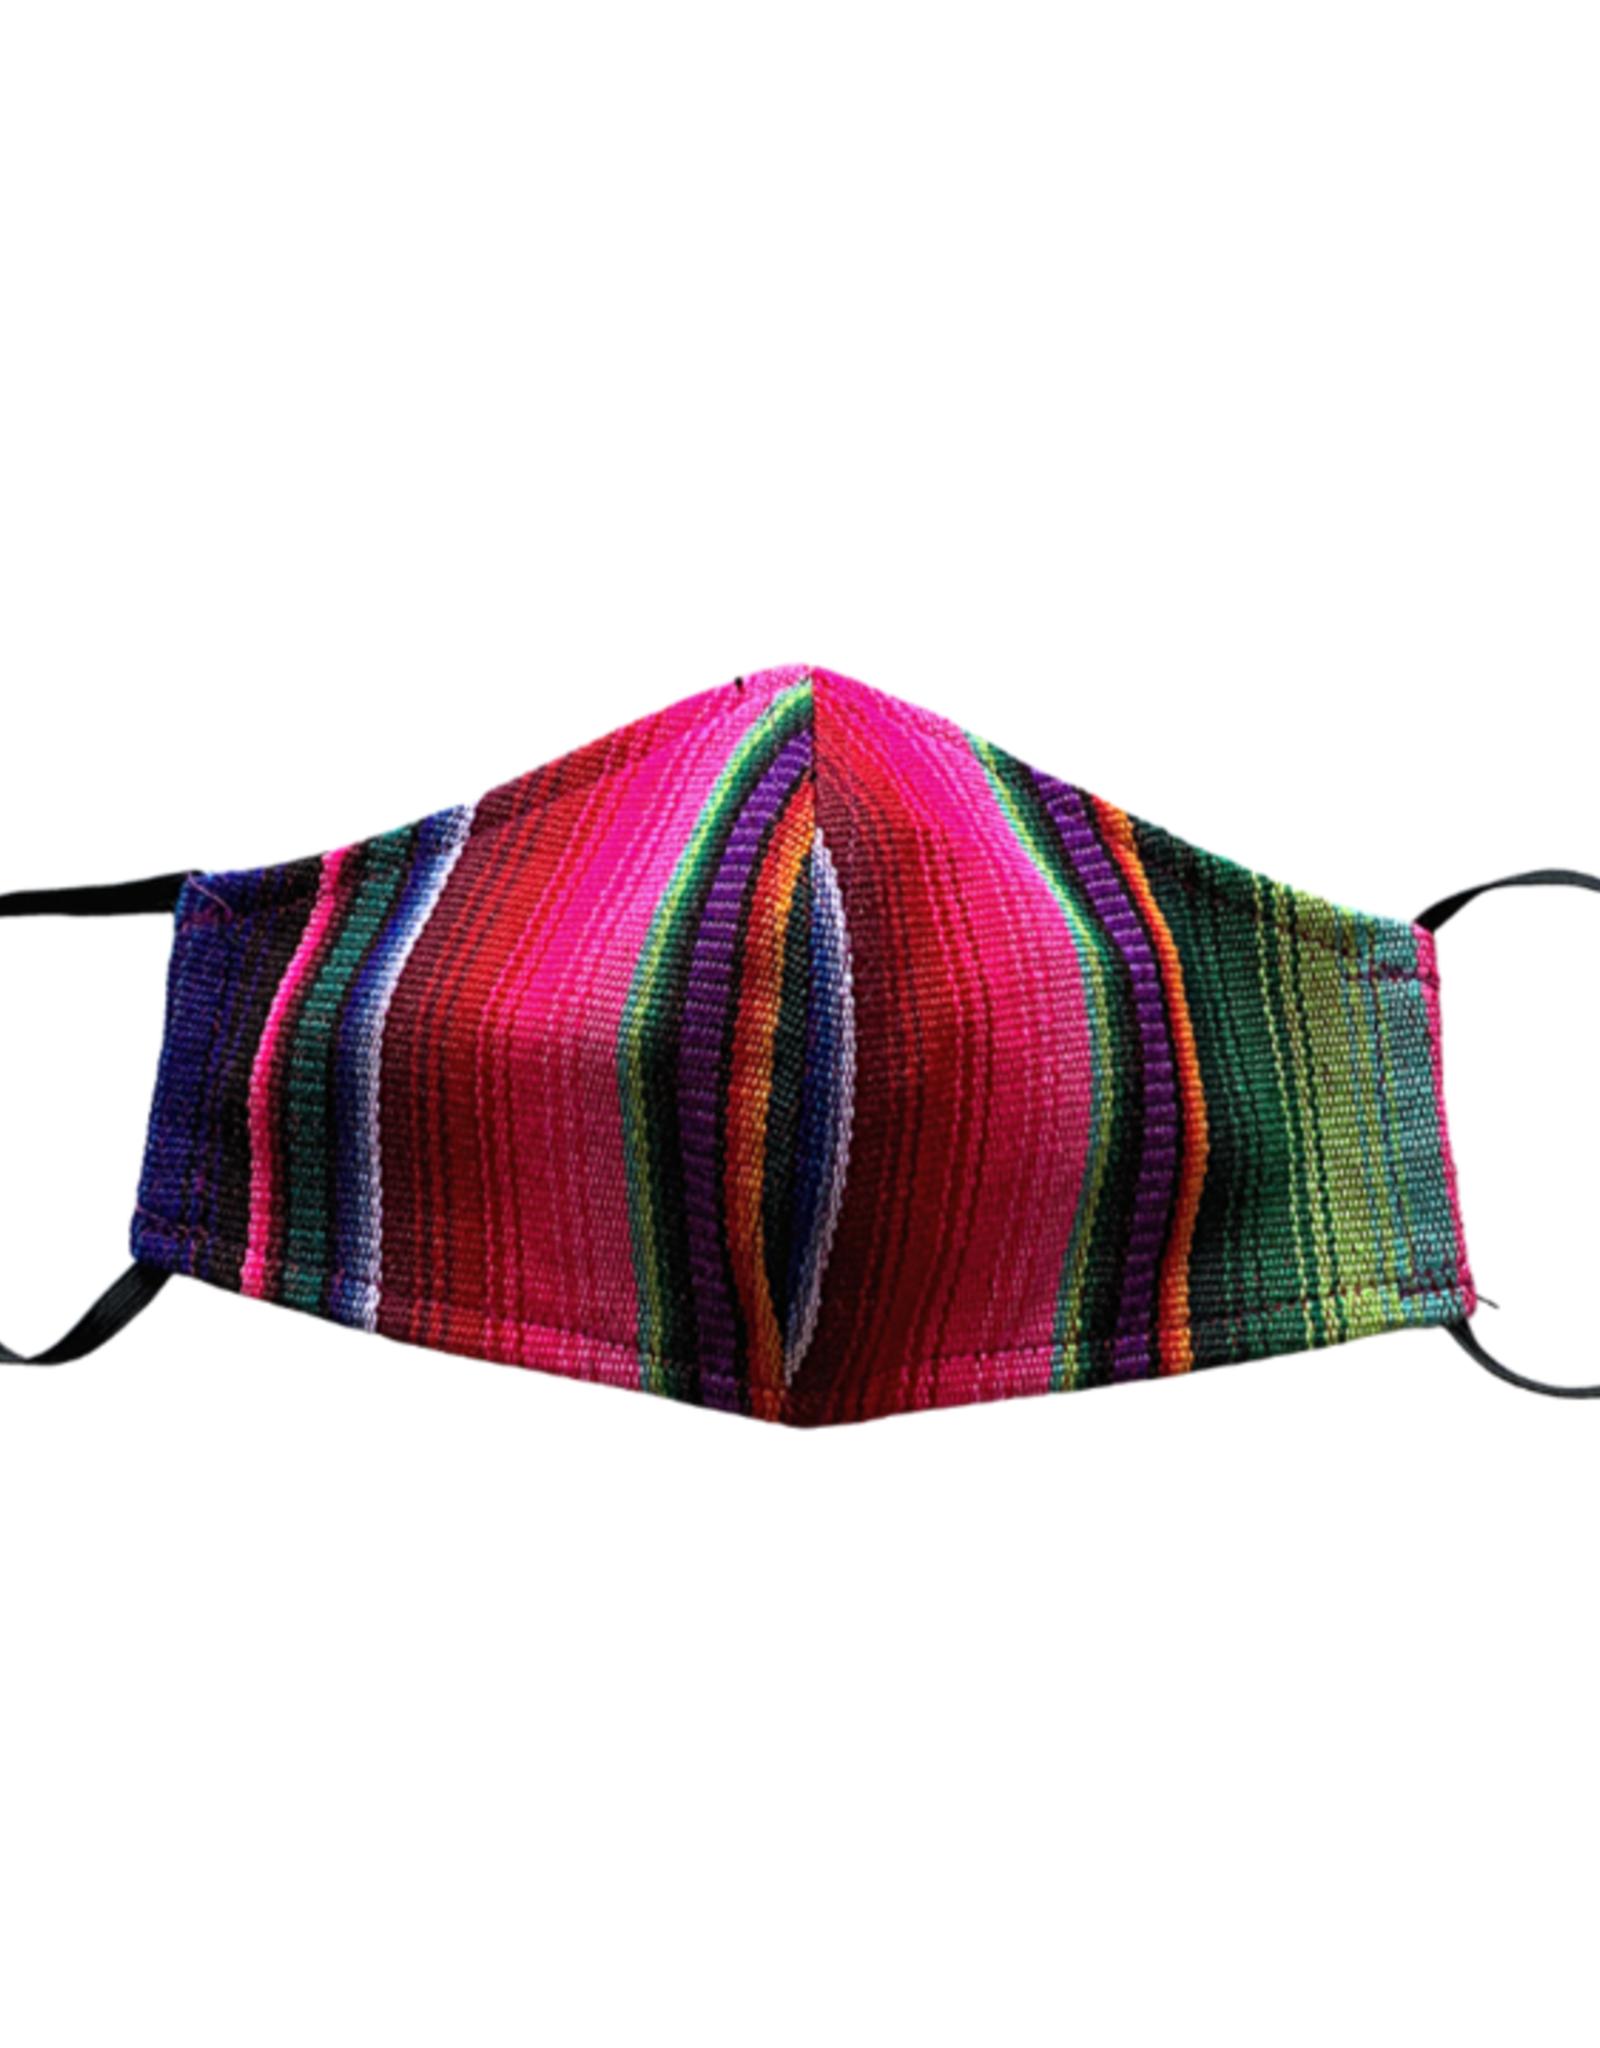 Hacienda Mask w/ filter pocket, Guatemala